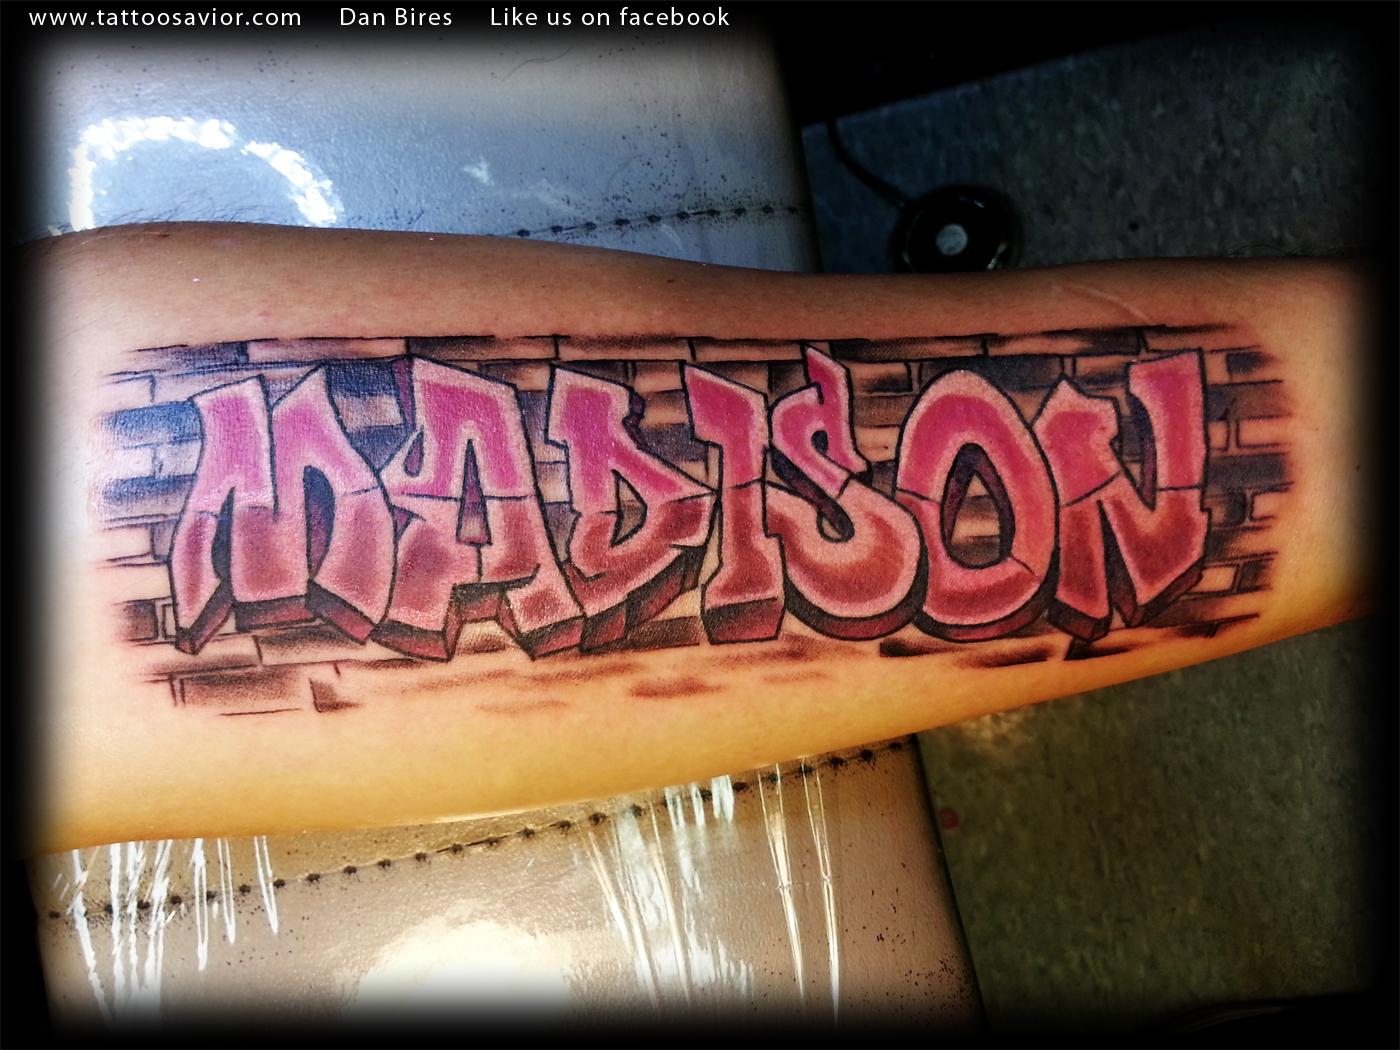 Brick wall tattoos graffiti